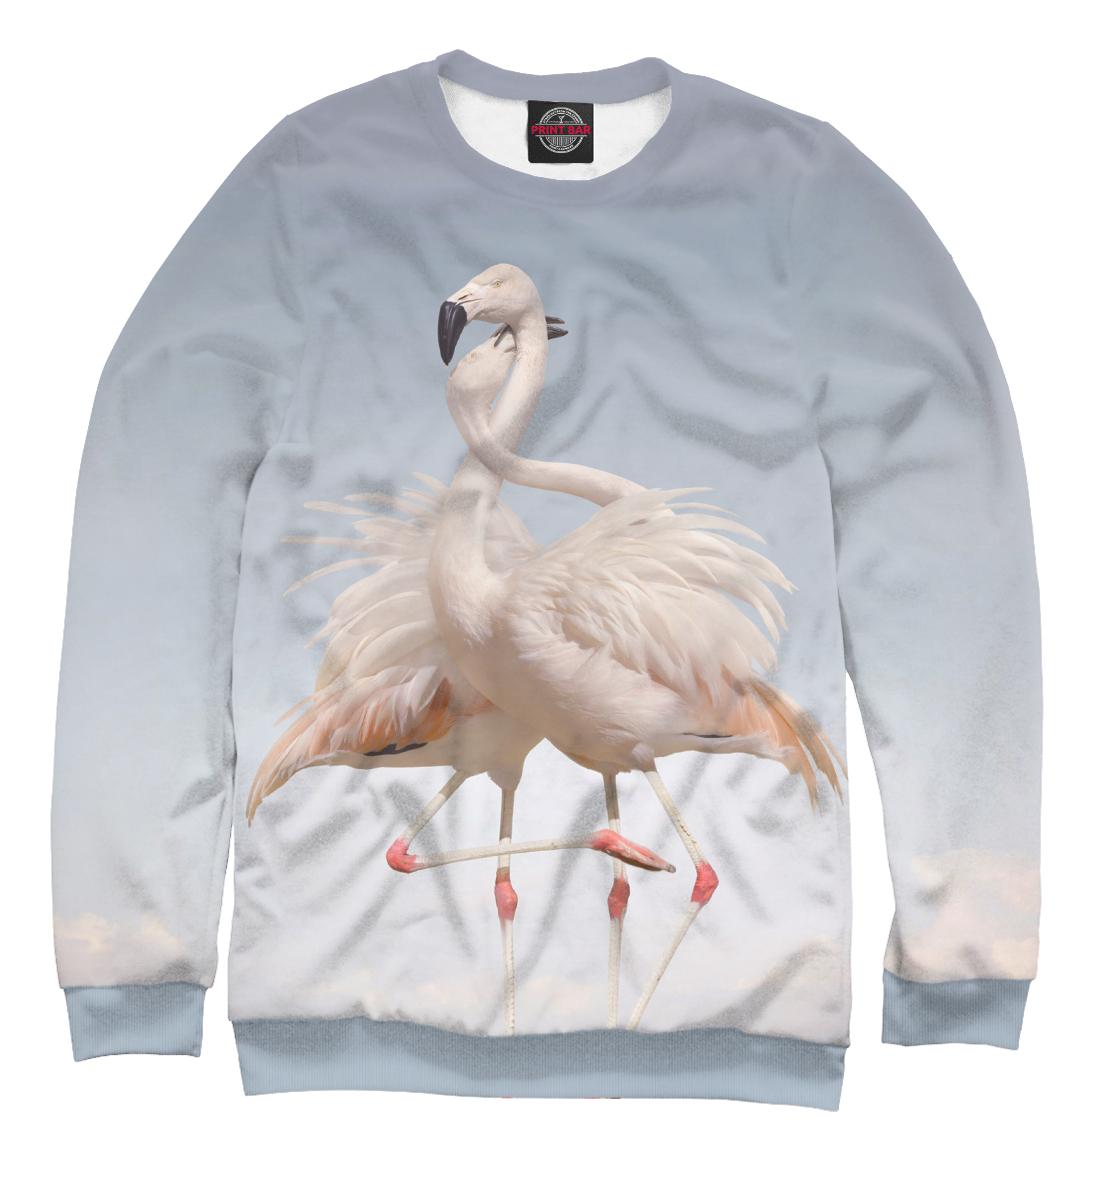 Купить Фламинго, Printbar, Свитшоты, PTI-682129-swi-2